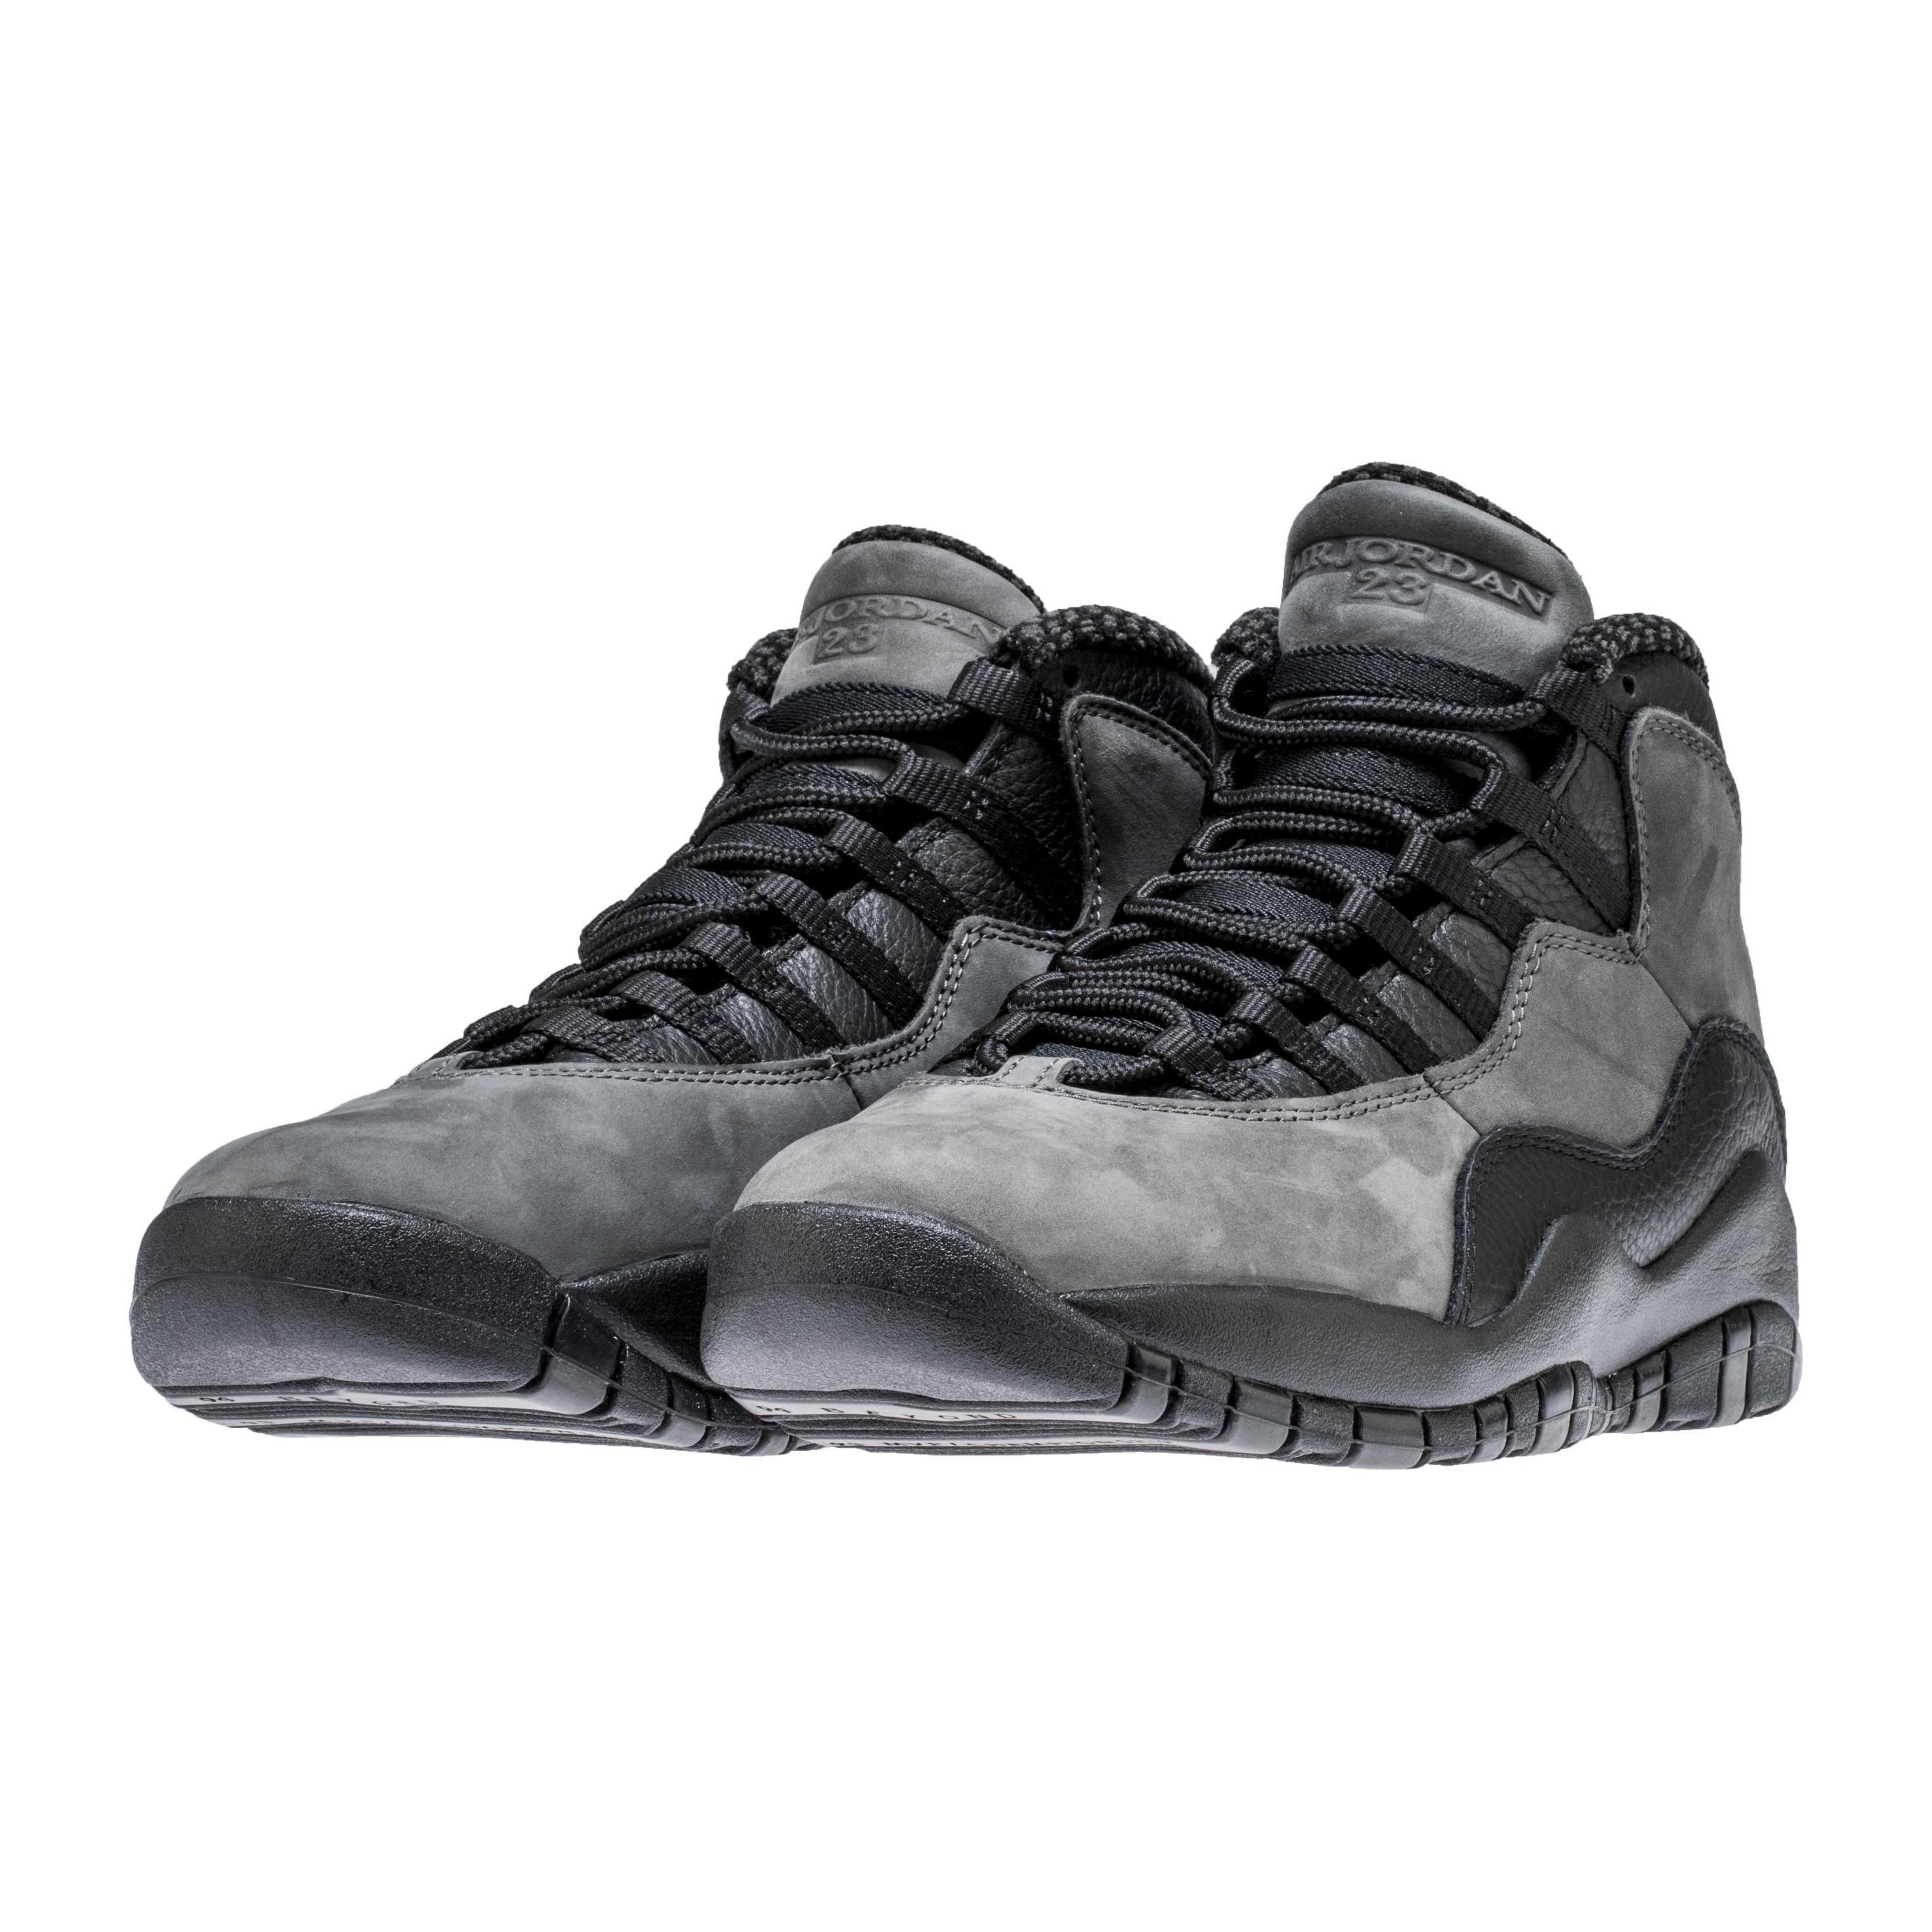 hot sale online 1e7aa beeb6 Air Jordan 11 Heir Price | CTT